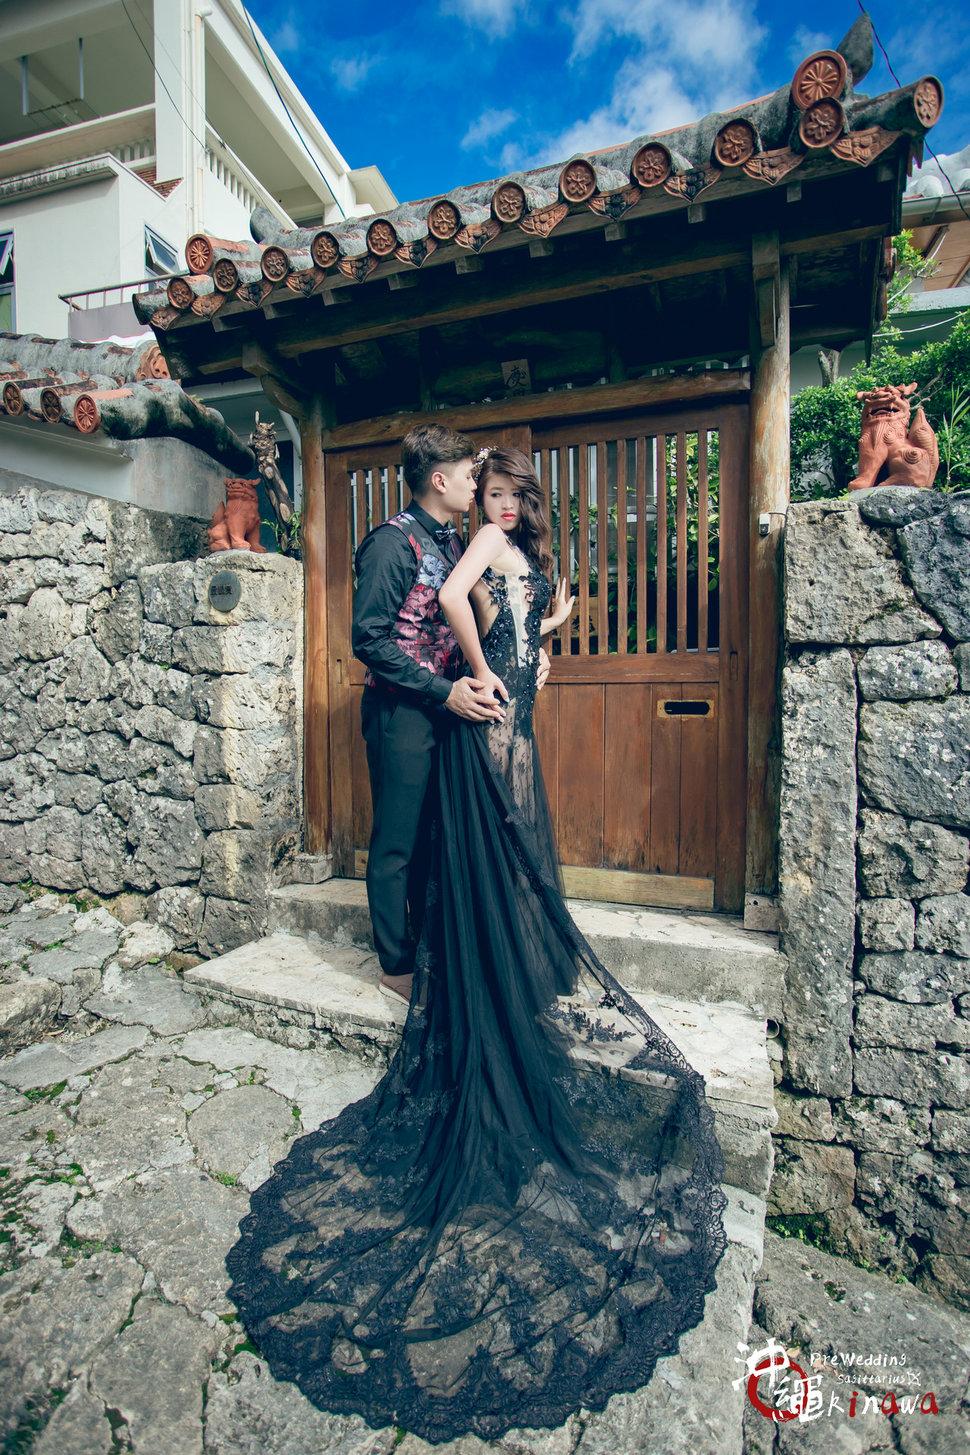 嘉麟 & 胤芳 Overseas Pre Wedding For Okinawa 沖繩海外婚紗(編號:551966) - 射手的天空 / 海外婚紗 婚禮